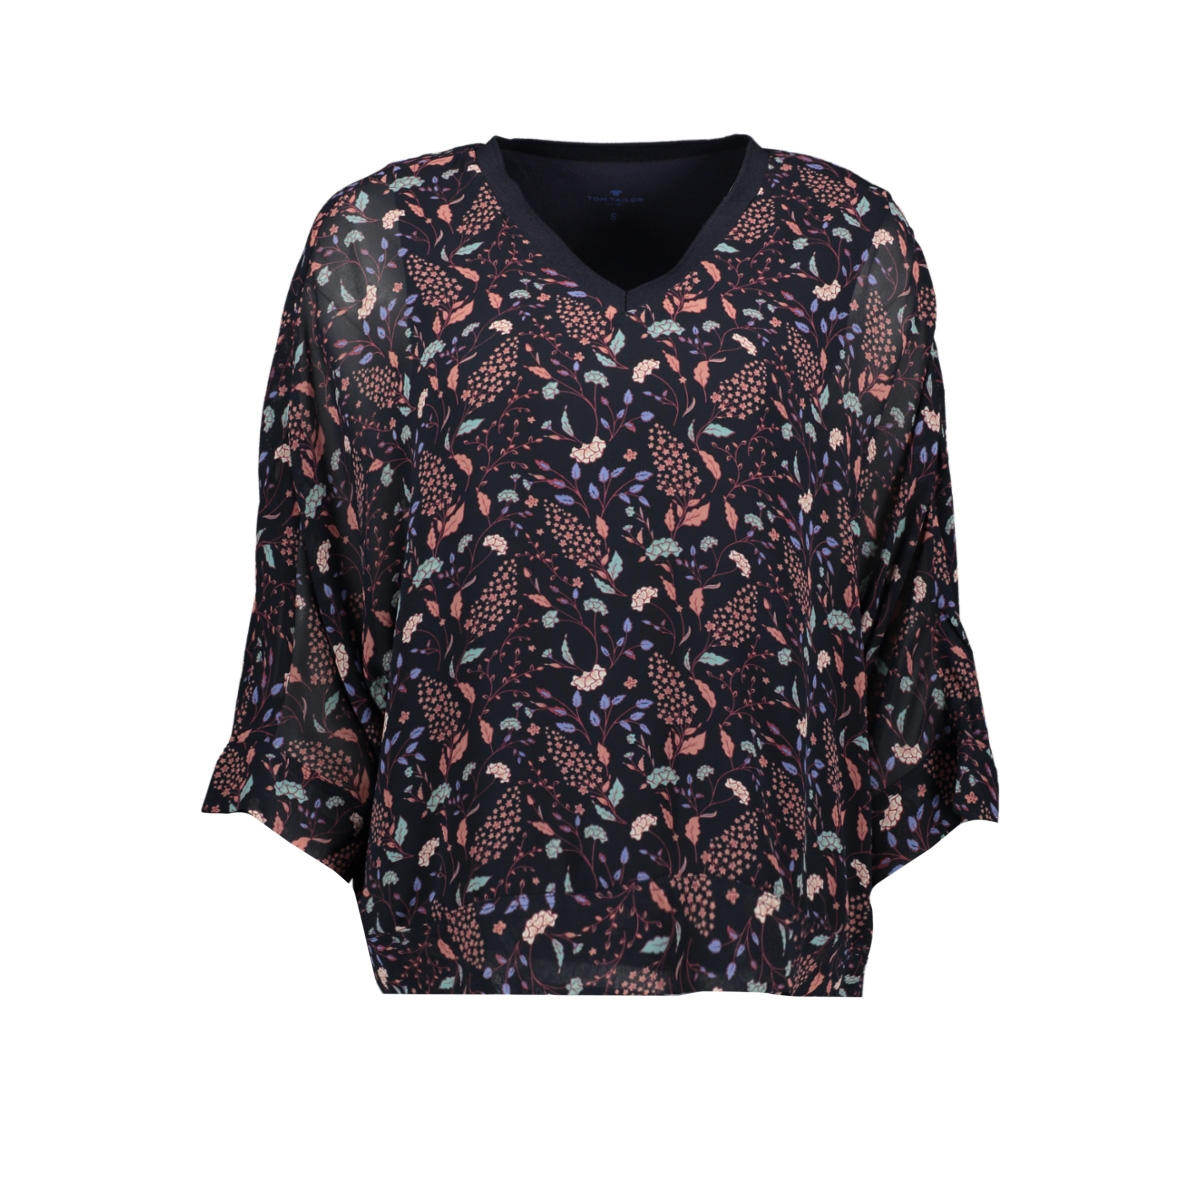 t shirt met bloemenprint 1013409xx70 tom tailor t-shirt 19408